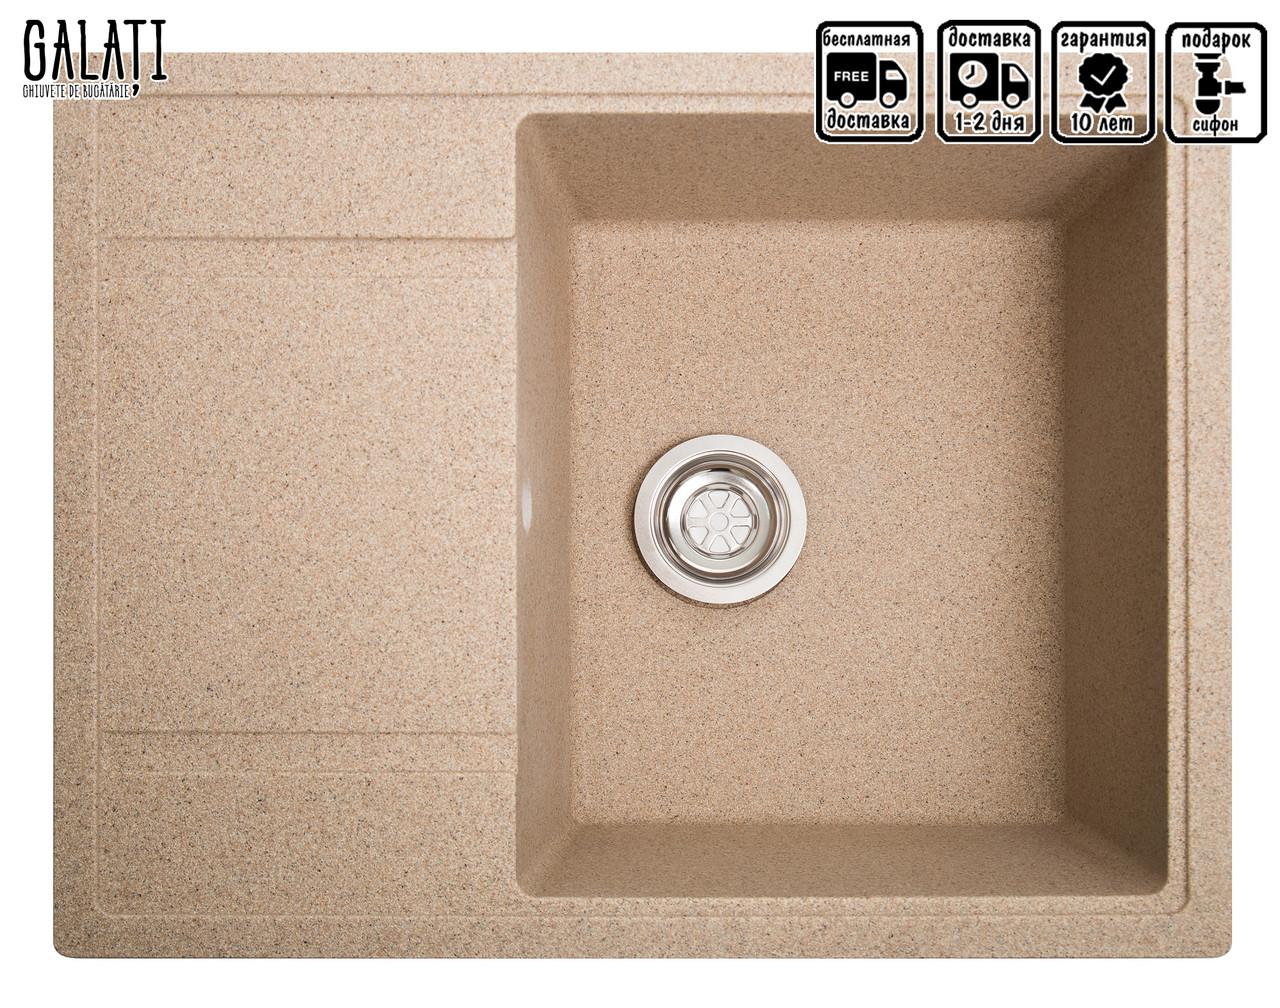 Кухонна мийка Galati Jorum 65 Piesok (301)